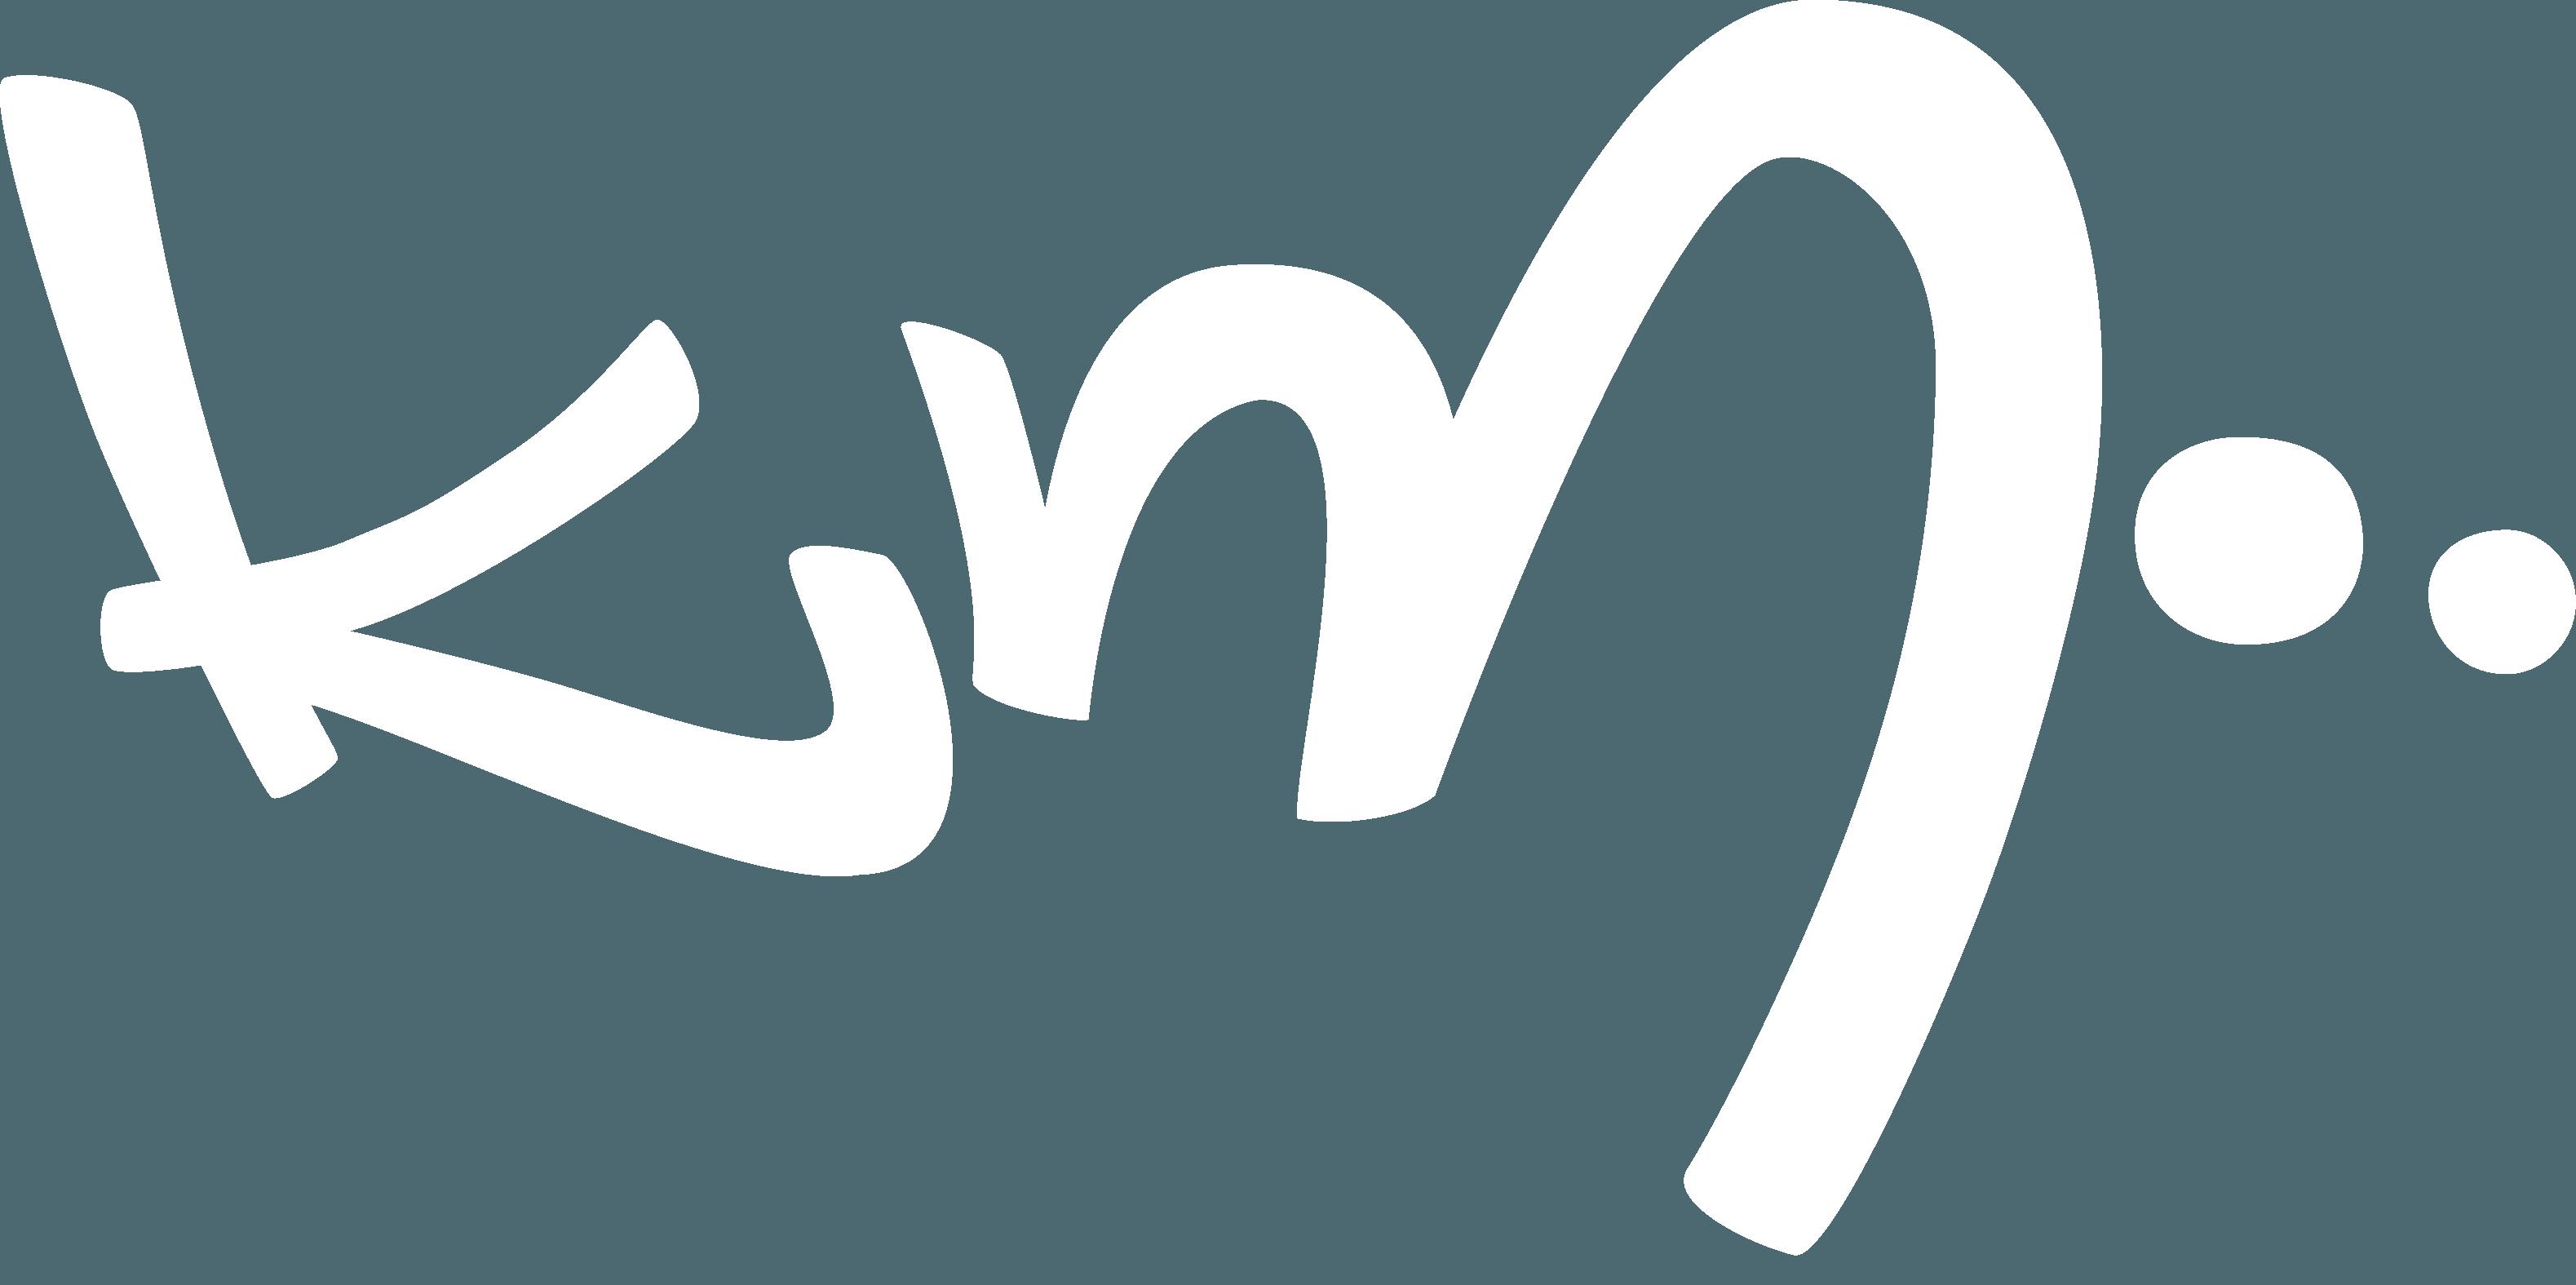 KMIN_logo_W